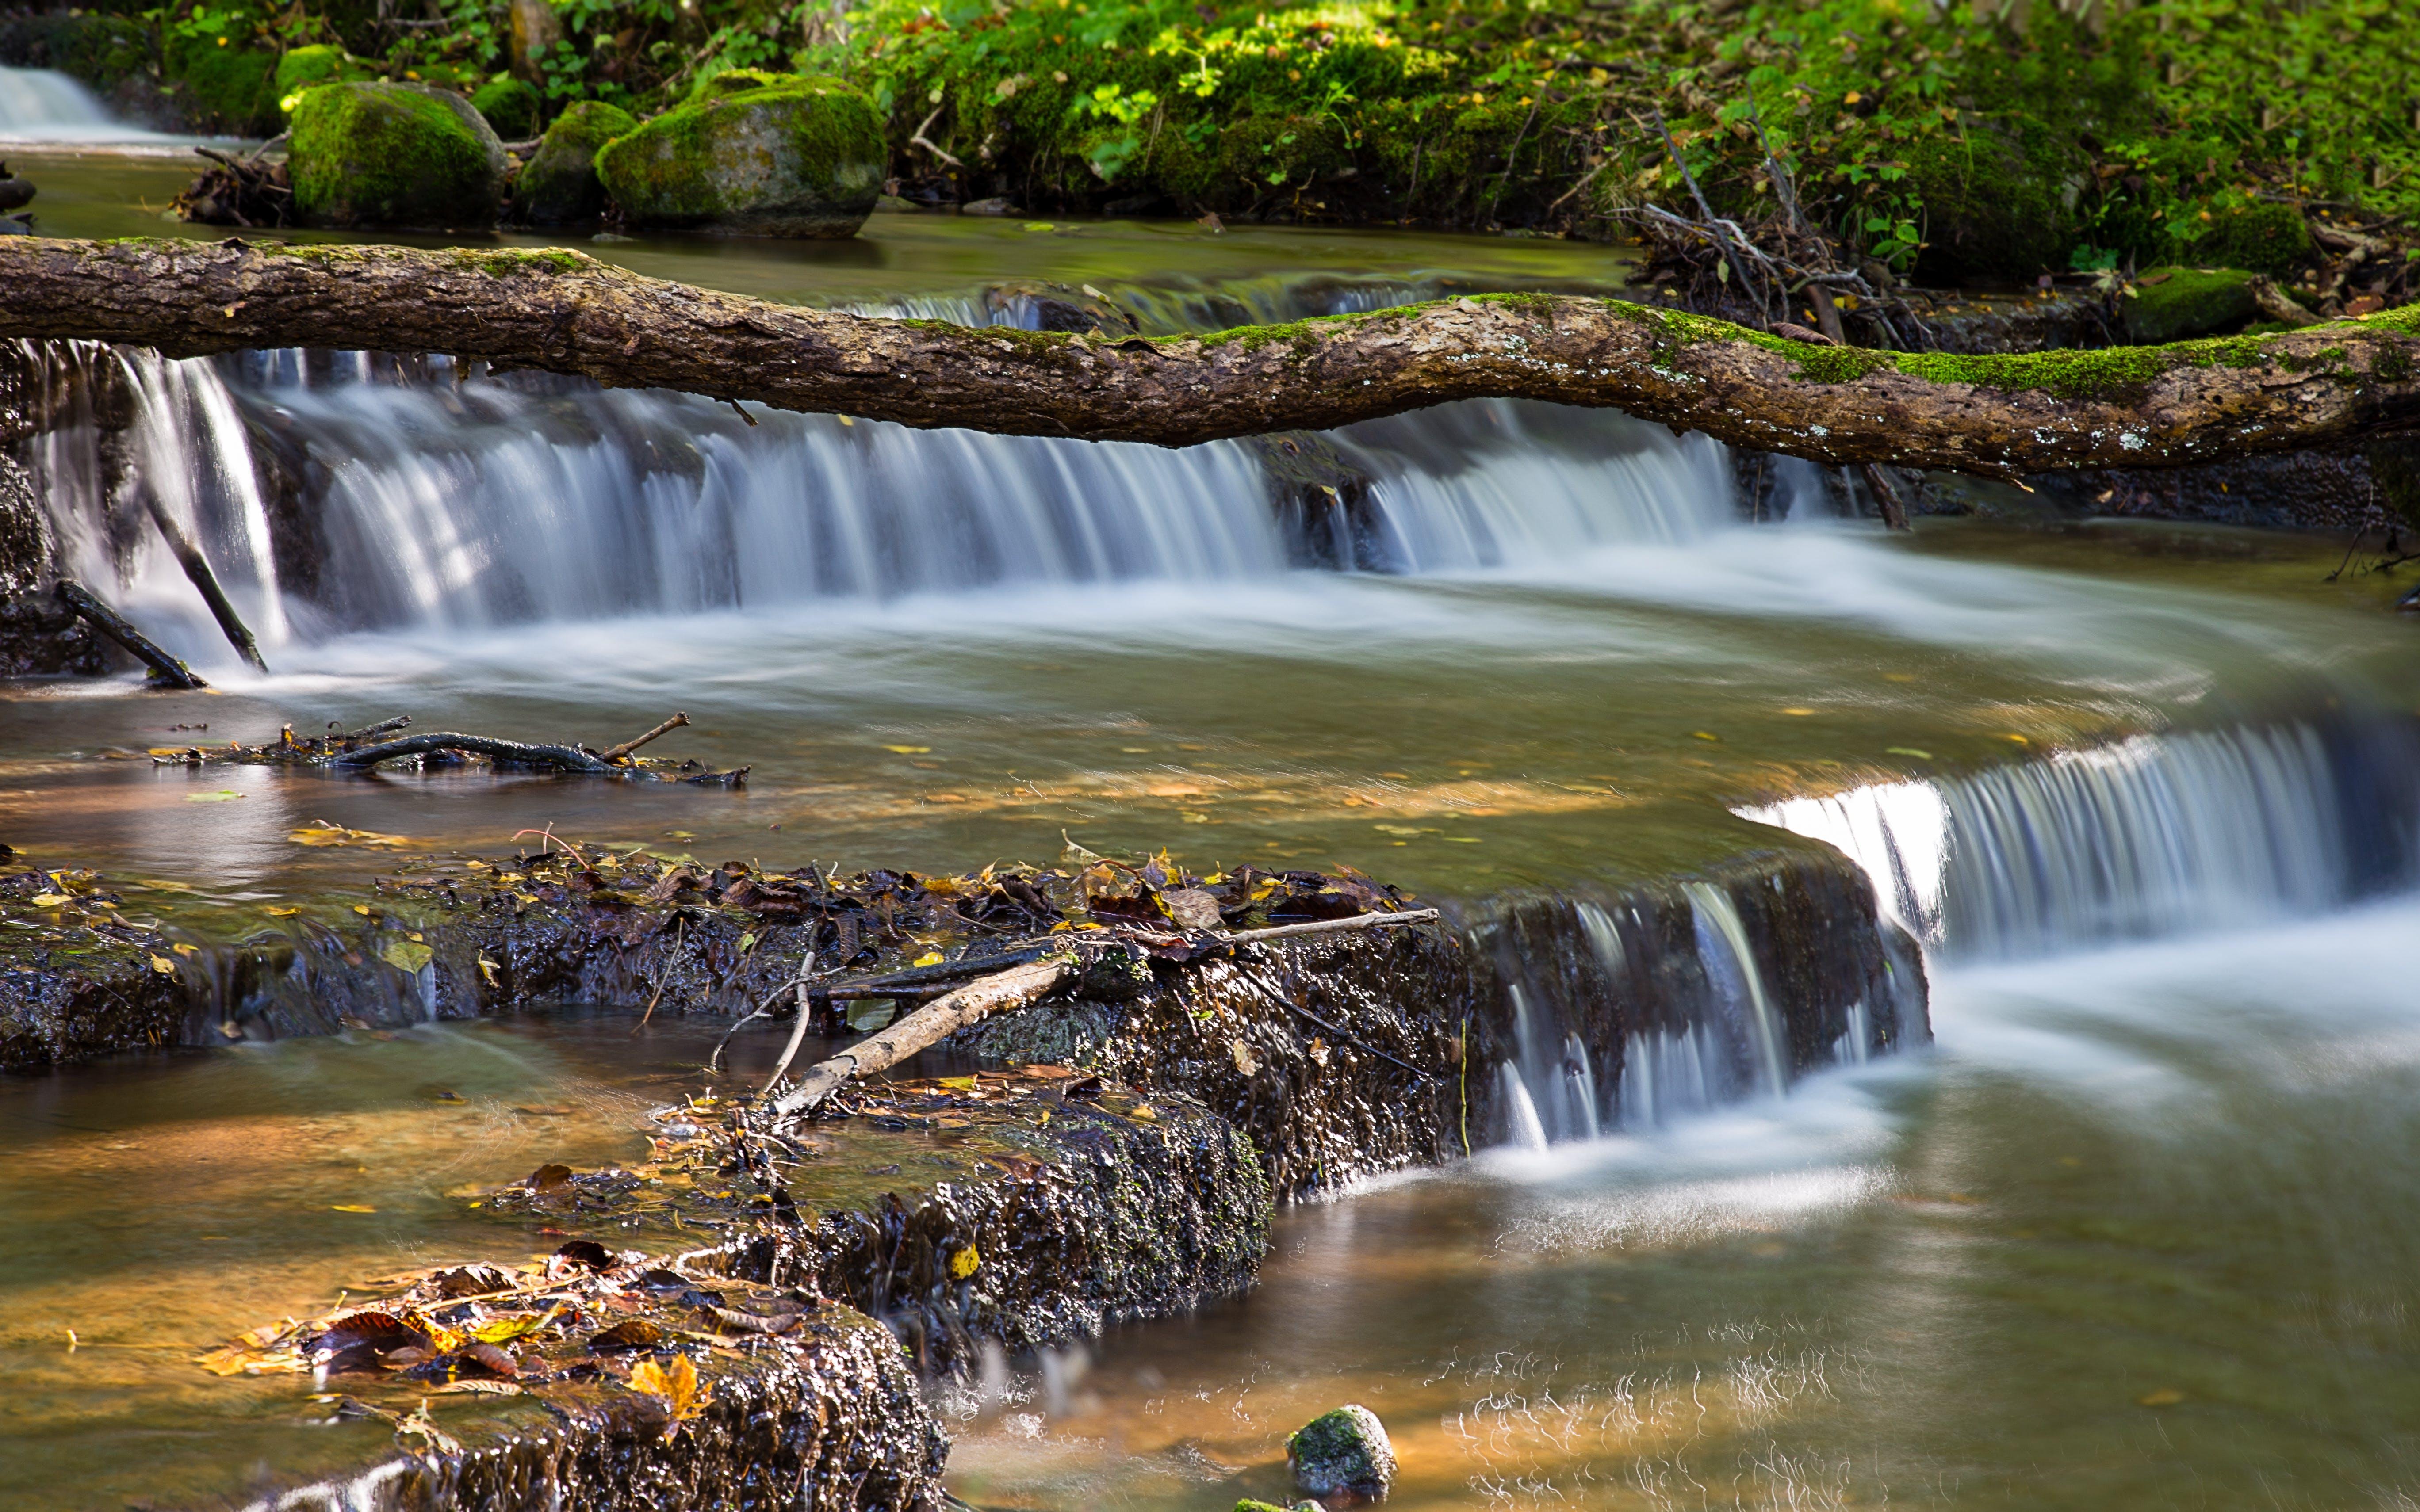 Kostenloses Stock Foto zu natur, wald, wasser, wasserfälle